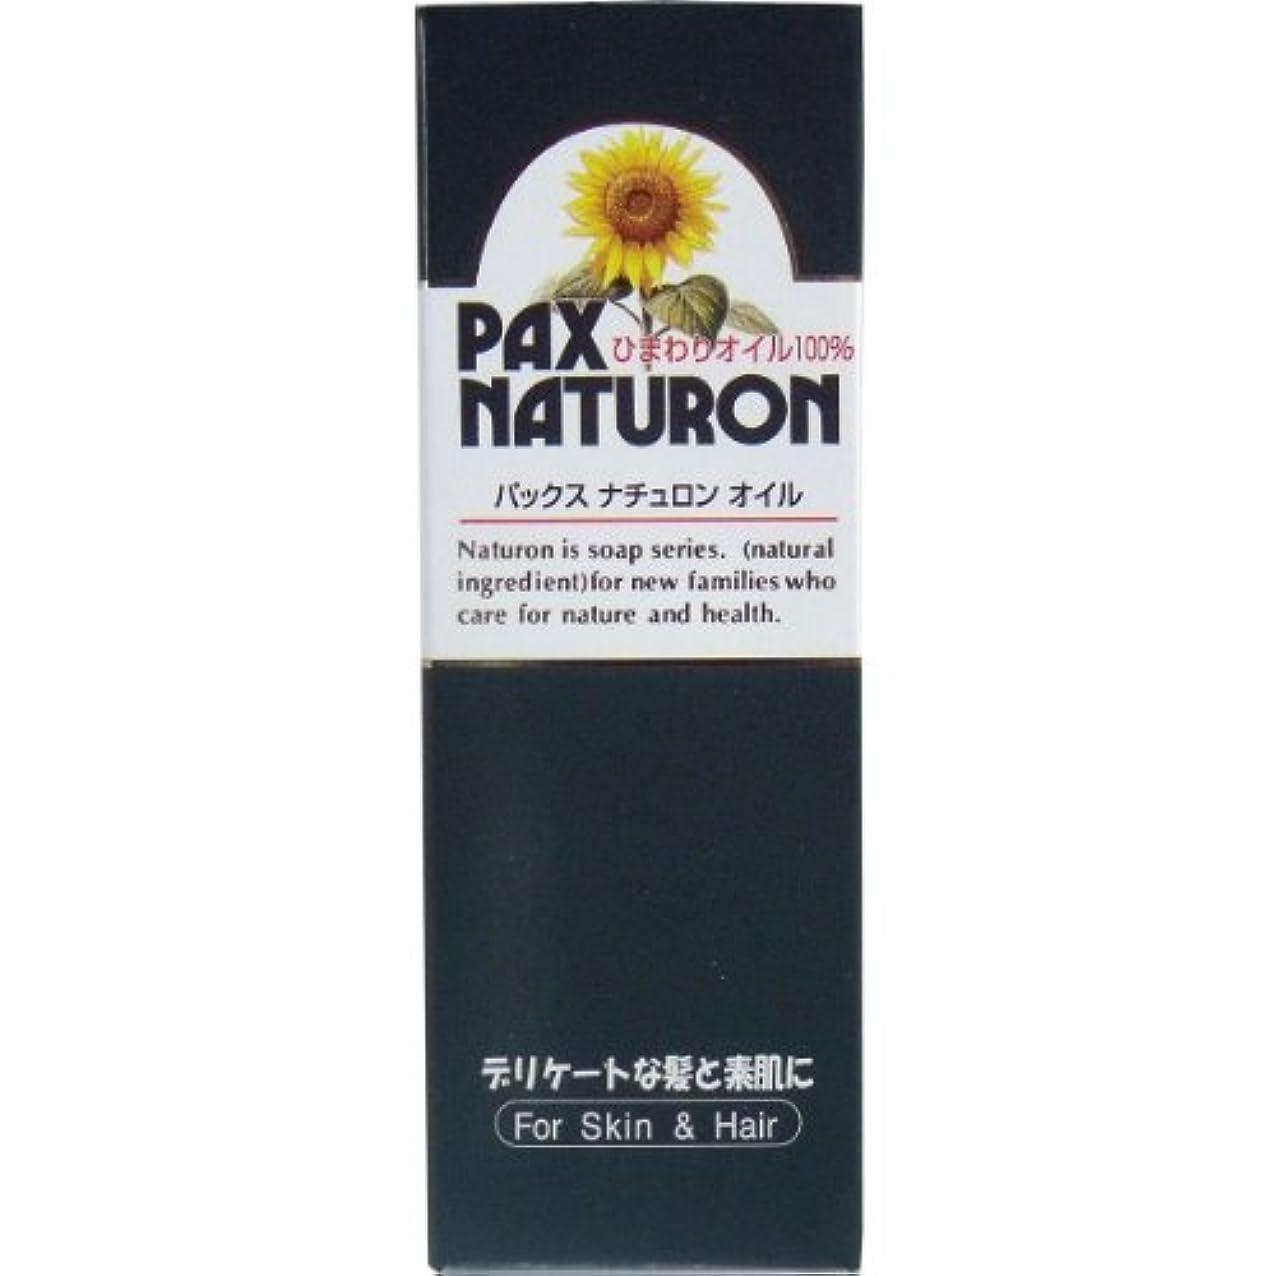 レモンメーカー傀儡パックスナチュロン オイル (ひまわりオイル100%) 60mL 太陽油脂